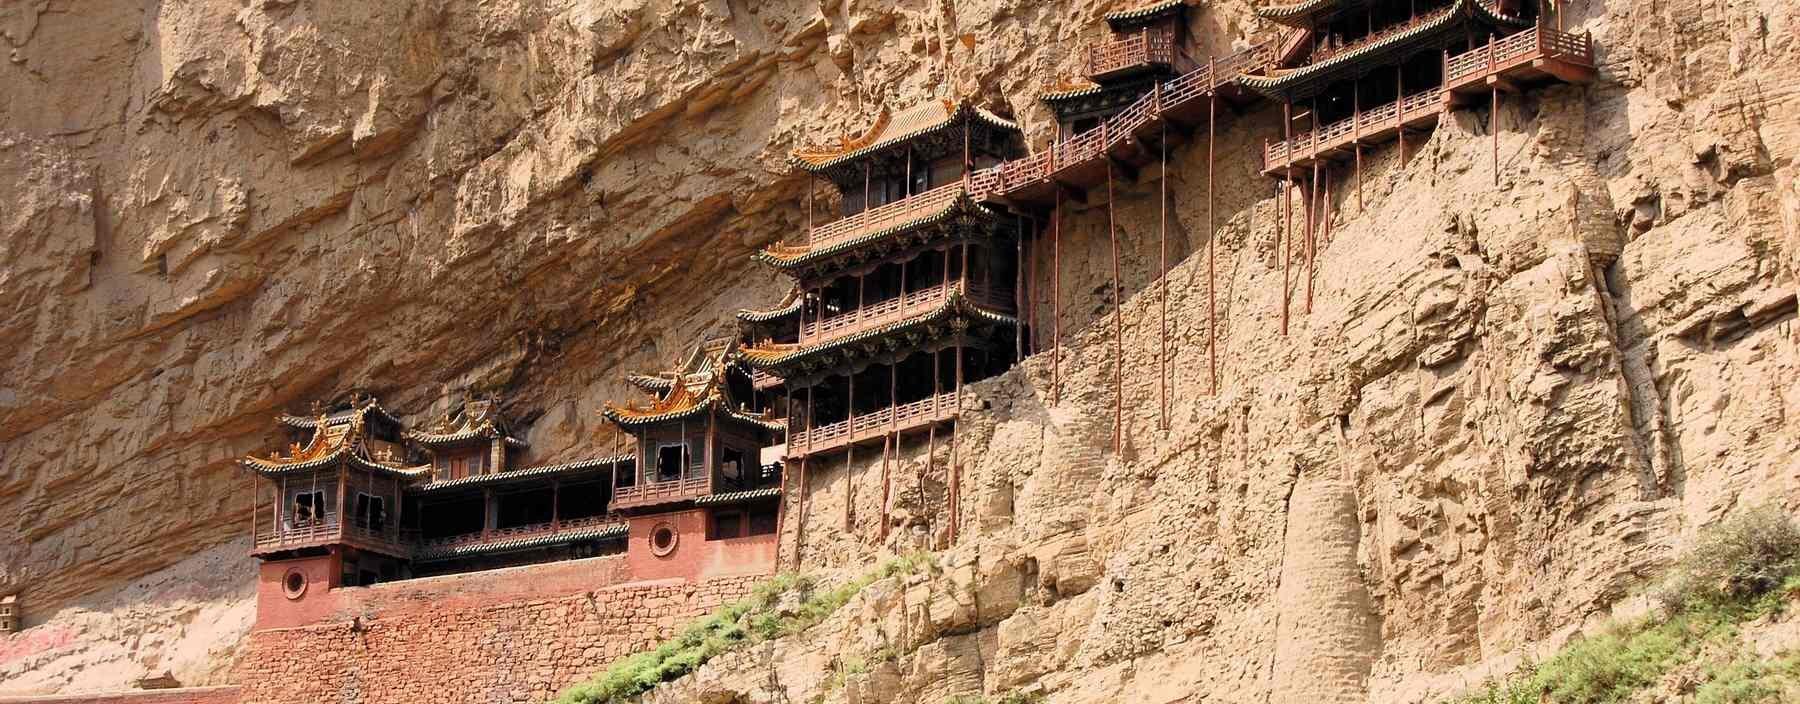 cn, datong, hangende klooster (2).jpg